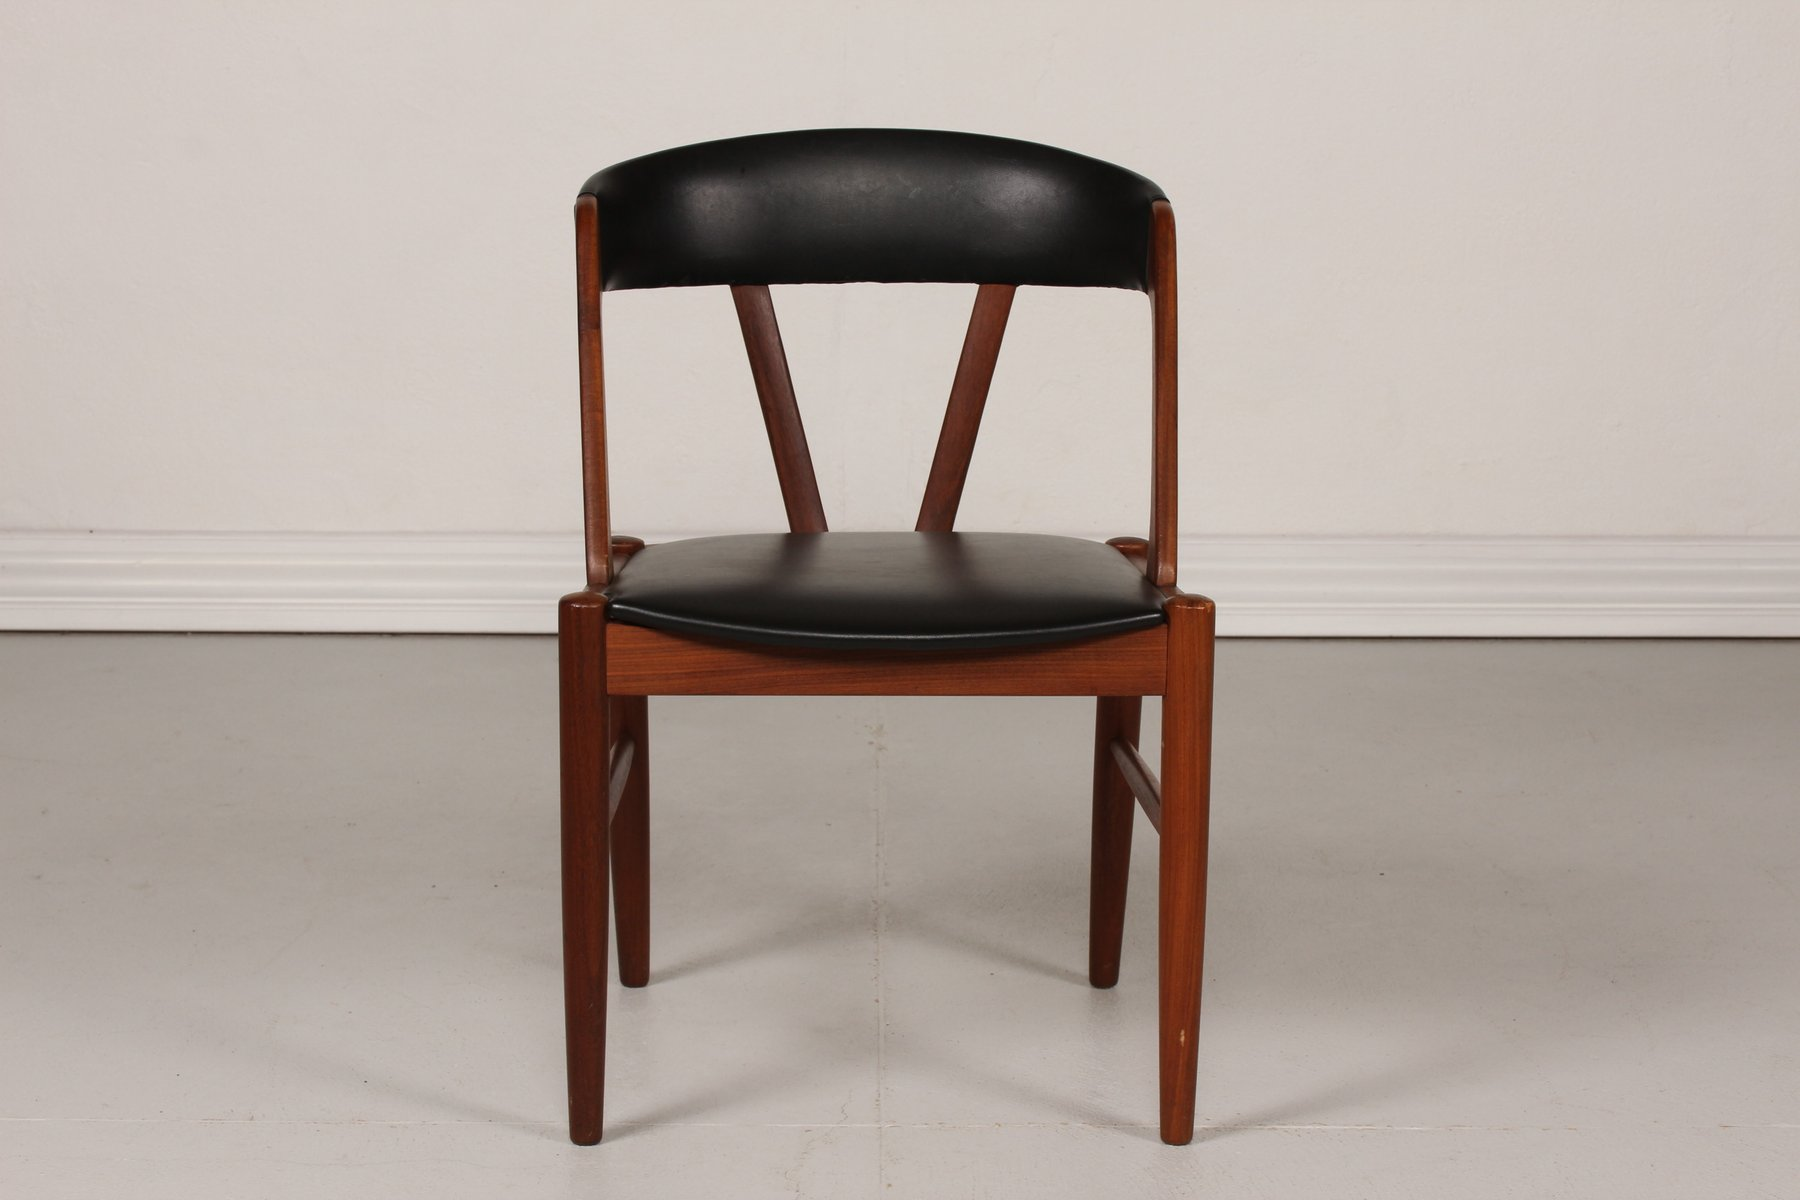 Sedia da scrivania in teak con seduta in similpelle nera for Sedia da scrivania design